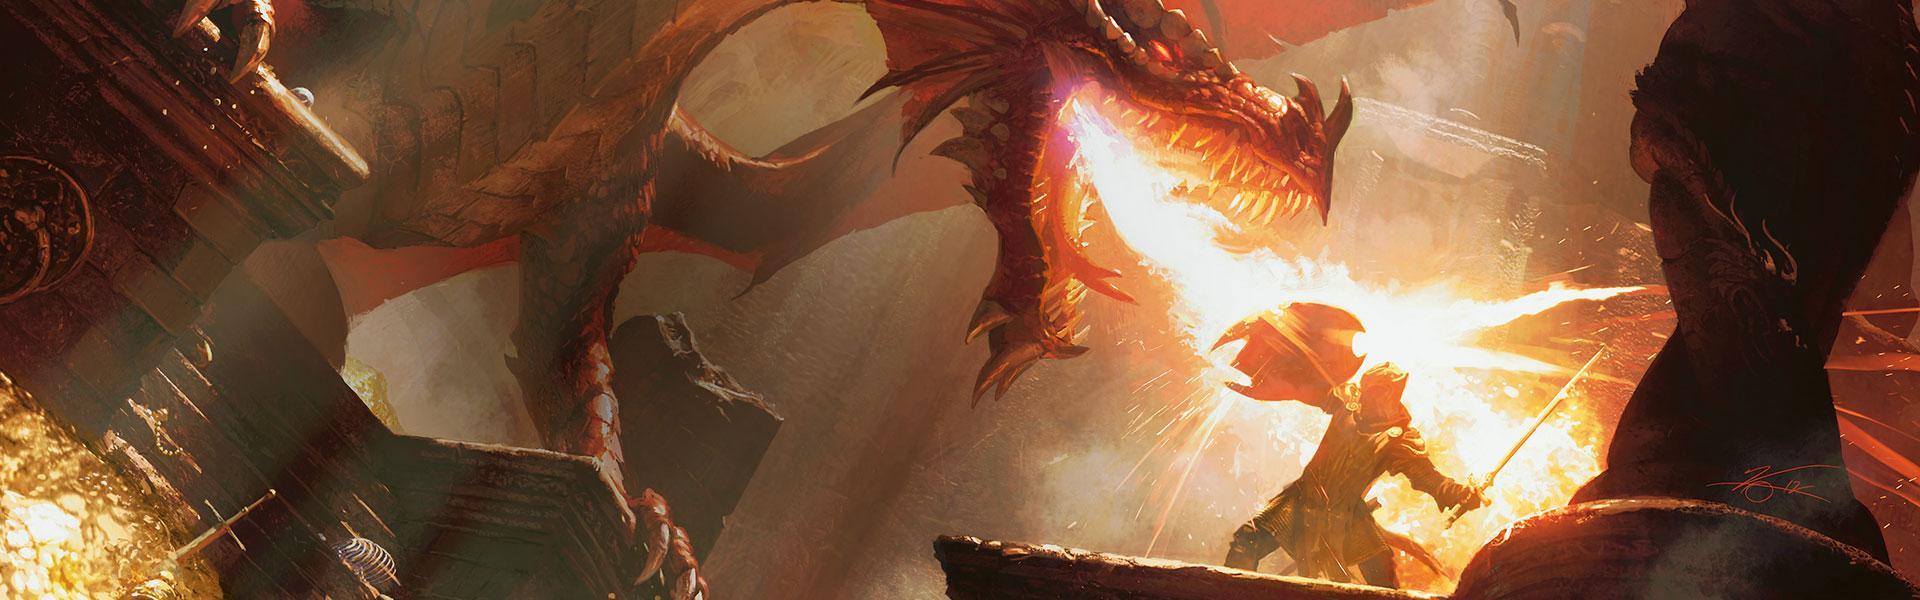 Εικόνα: Βλέπουμε πλάγια ένα δράκος να πετάει φλόγες σε έναν άντρα με ειδική ενδυμασία που δε φαίνεται, ενώ εκείνος κρατάει ξίφος και μια ασπίδα για να προστατευτεί.